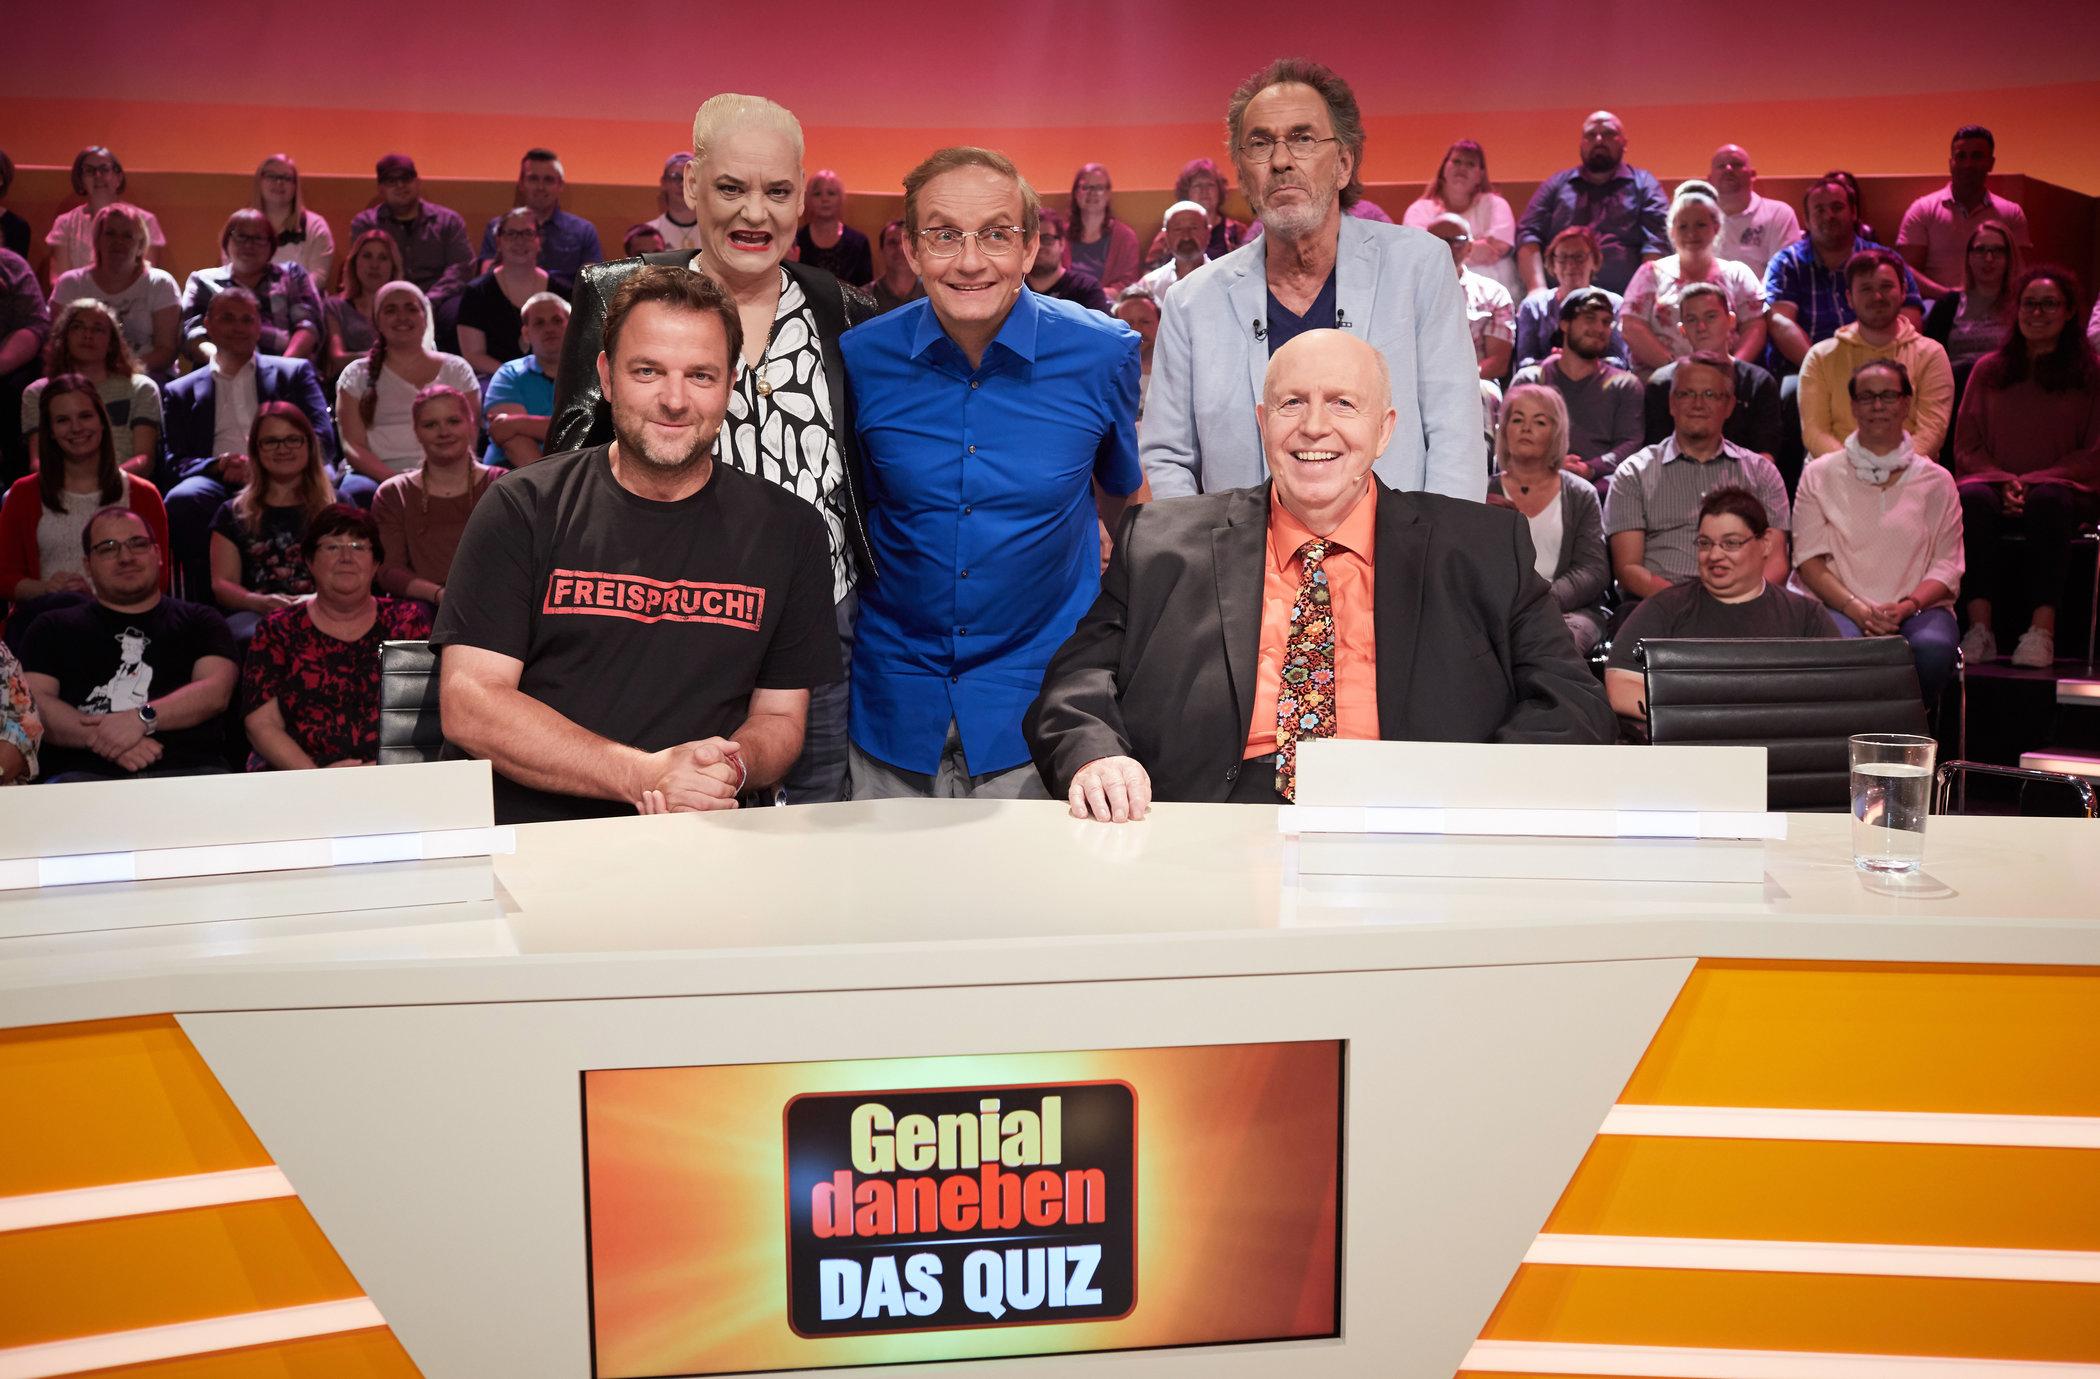 Neuer Comedy Spaß Am Vorabend Genial Daneben Das Quiz Ab